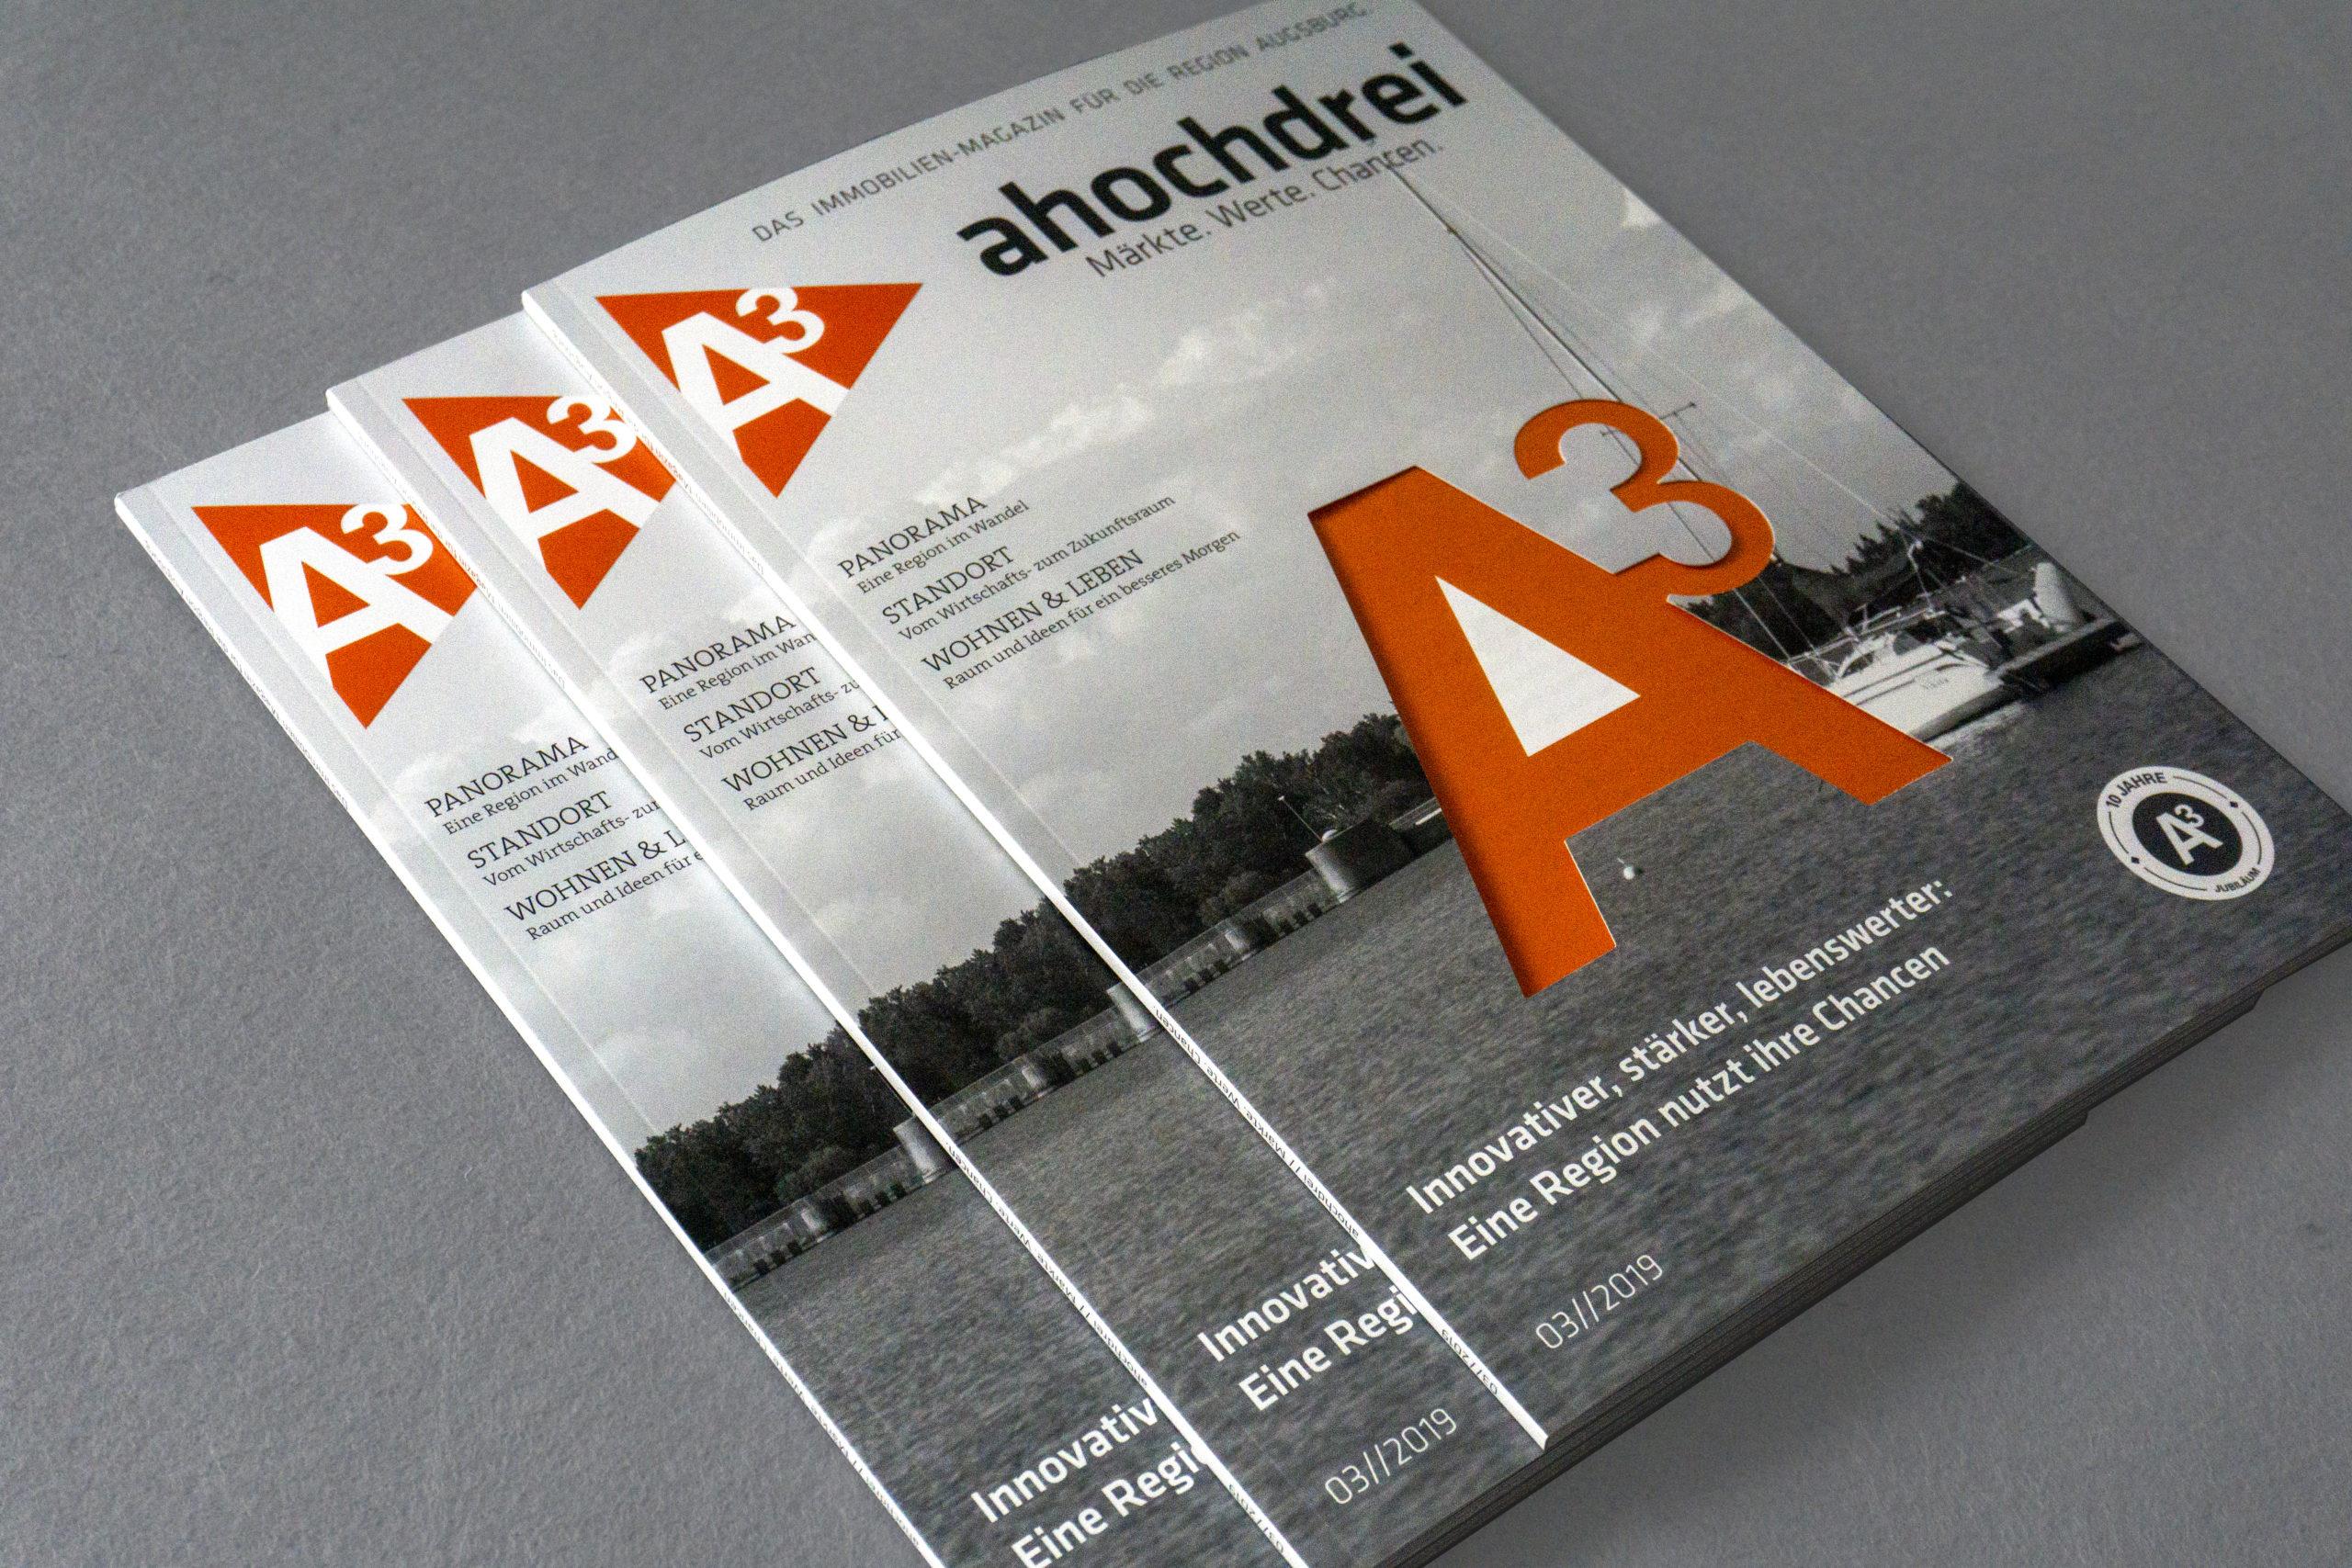 ahochdrei Magazin Immobilien 2019